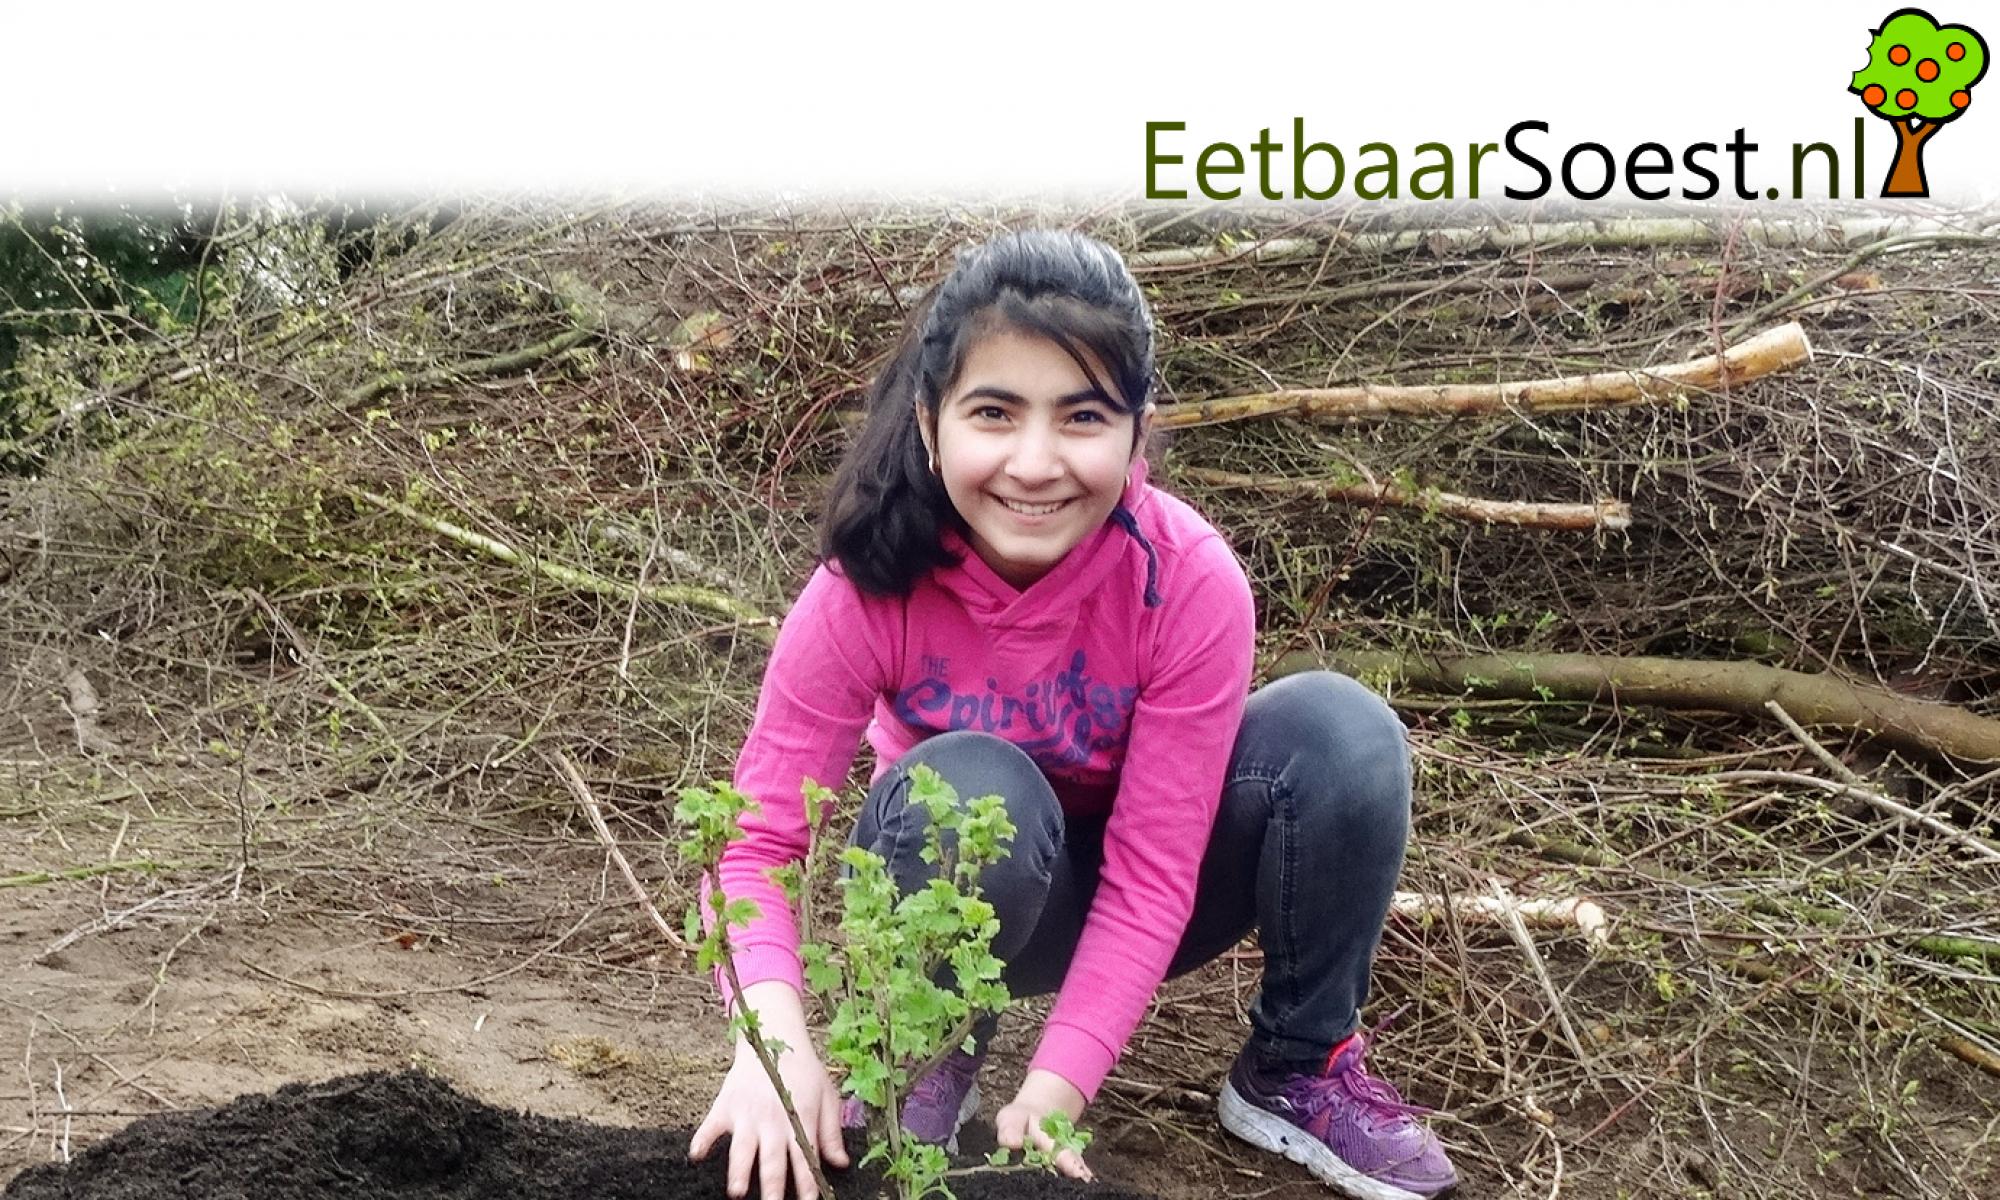 Eetbaar Soest  - Lekker & Ecologisch